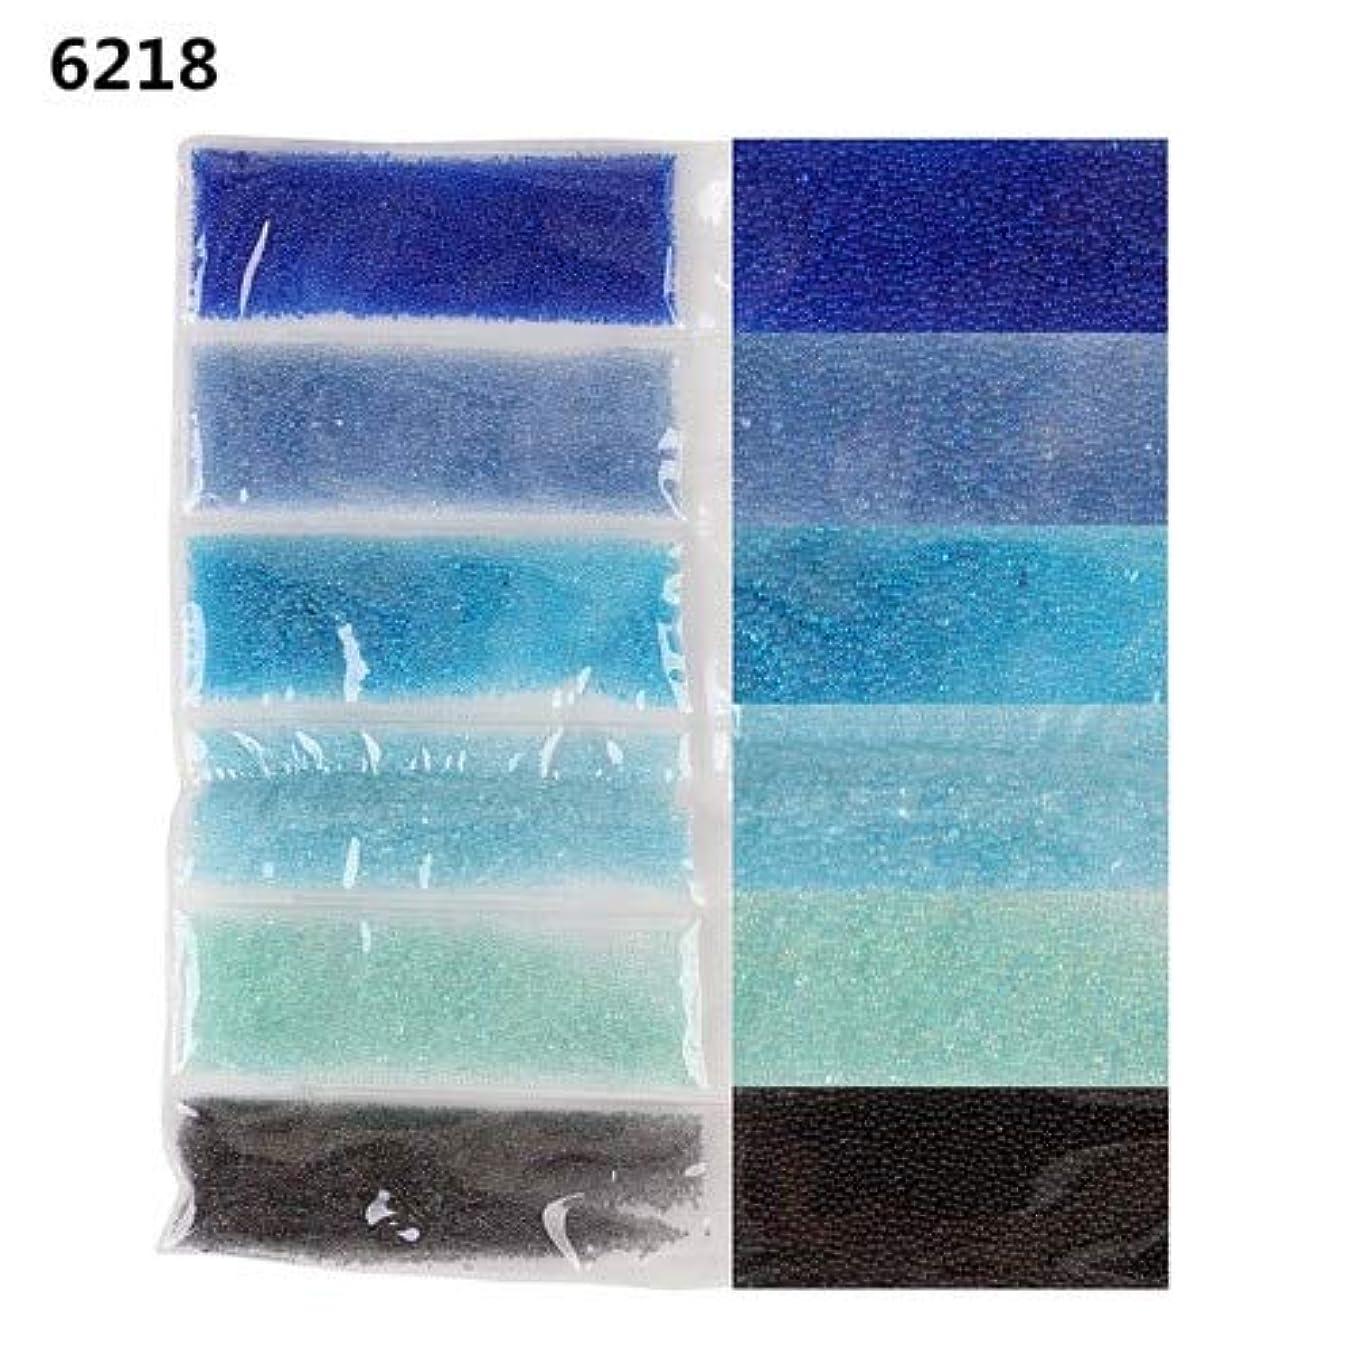 極端な発表する餌1袋6色混合ミニビーズネイルキャビアネイルアートラインストーンネイルクリスタルネイルアートデコレーション3D